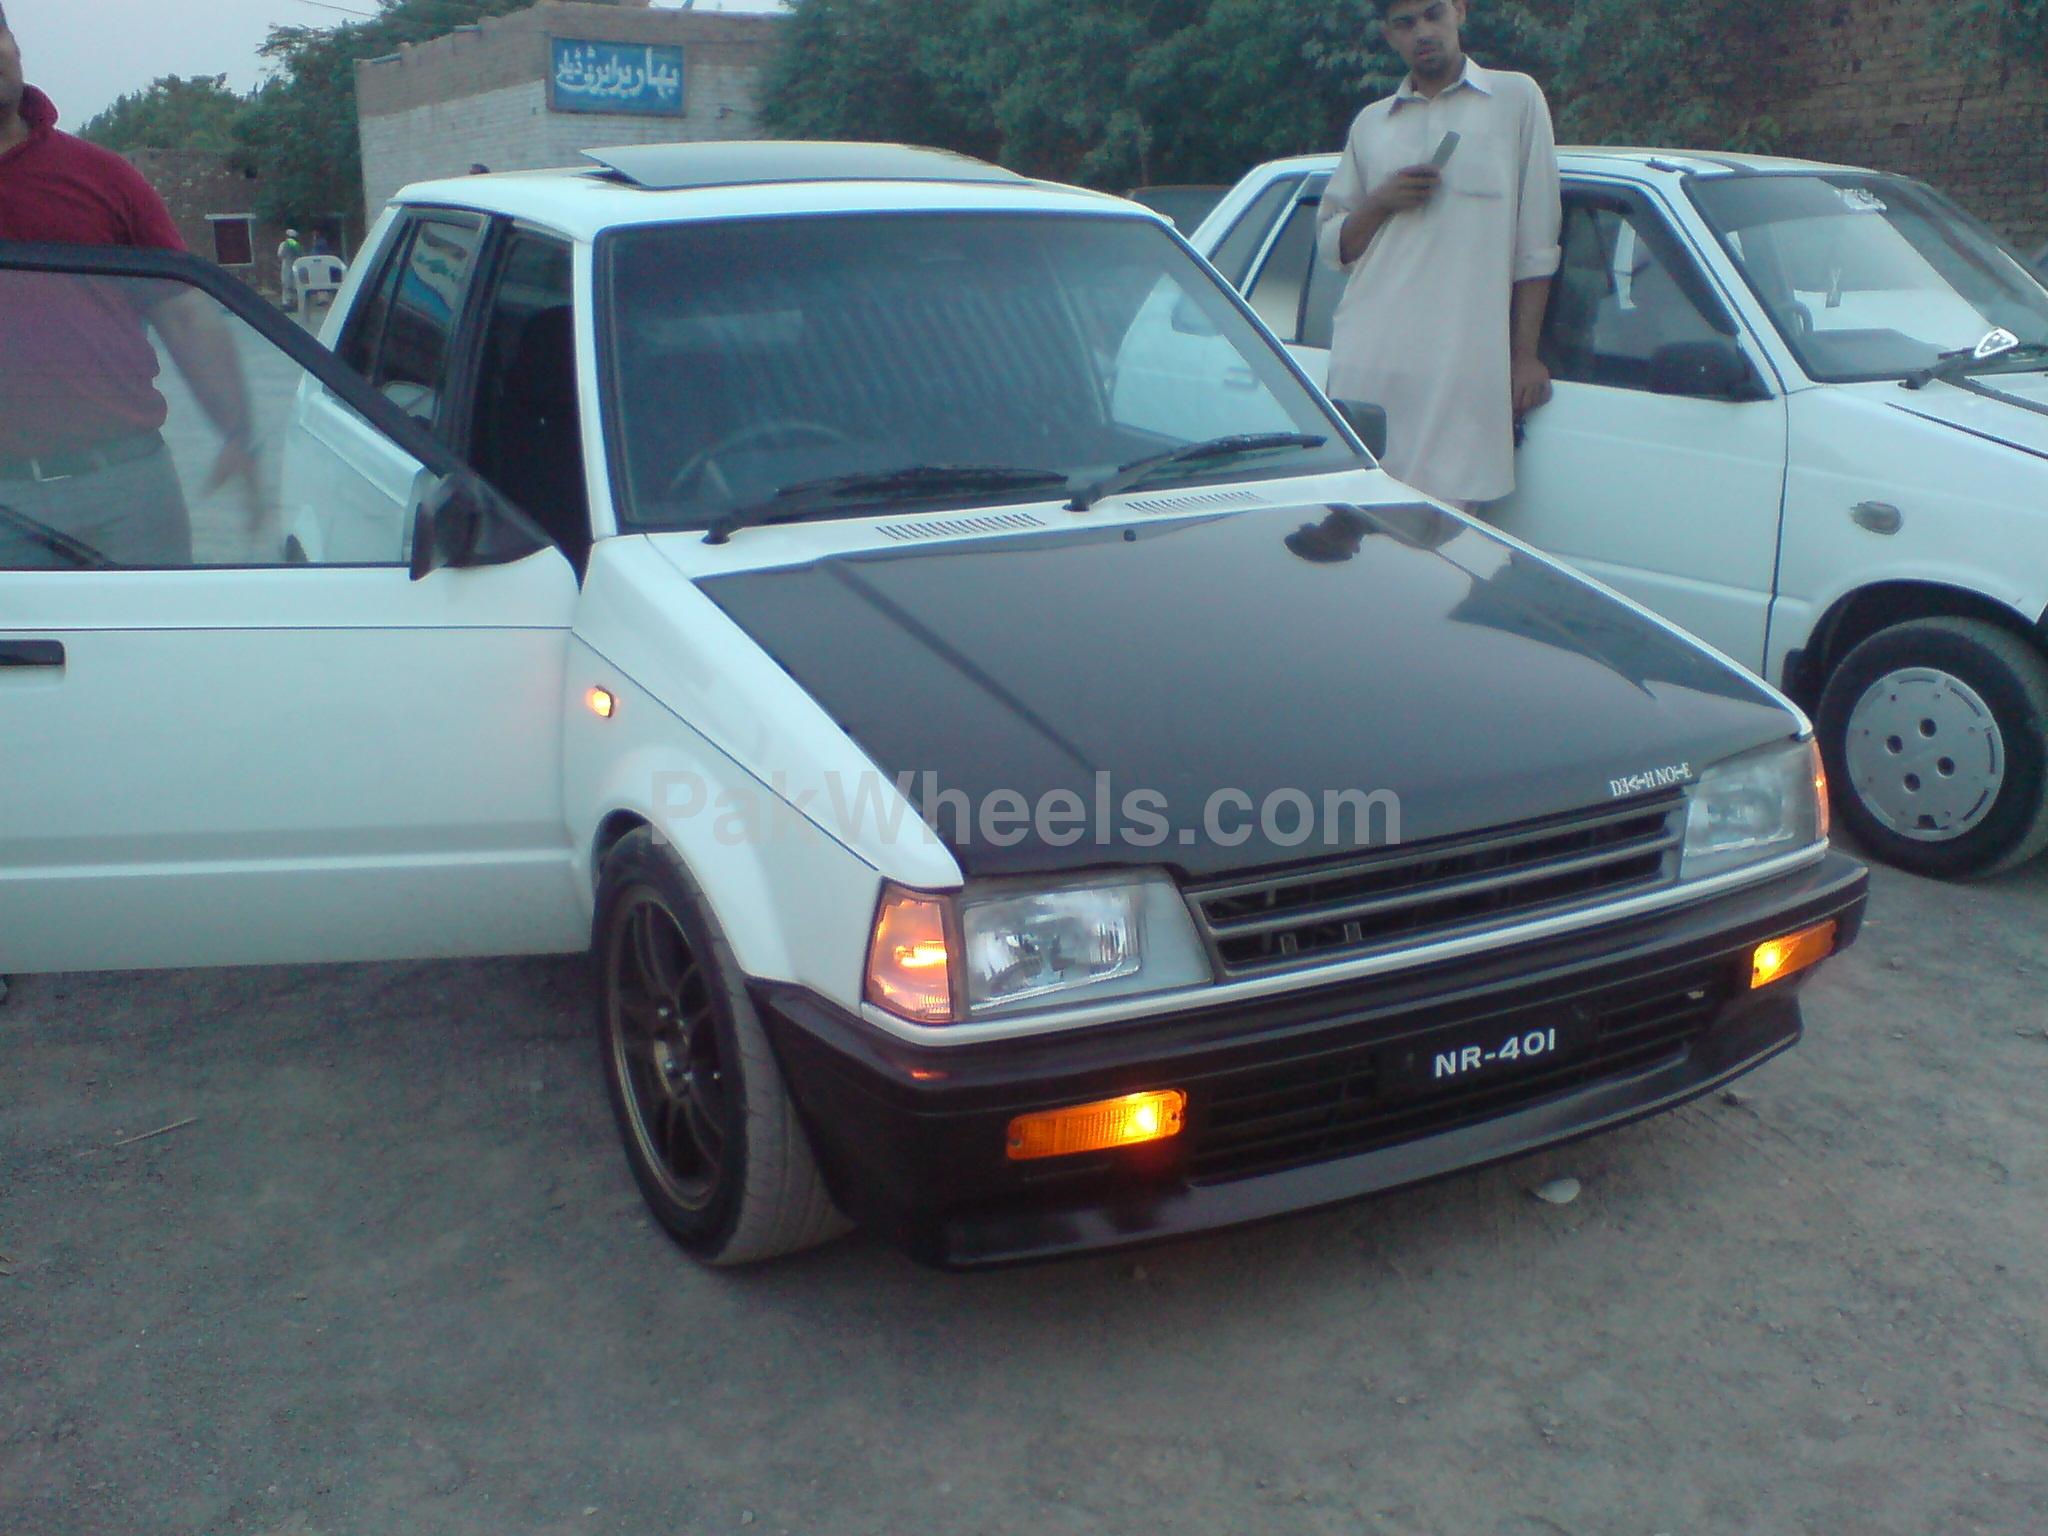 Daihatsu Charade 1985 of haseeb800 - Member Ride 13513 ...